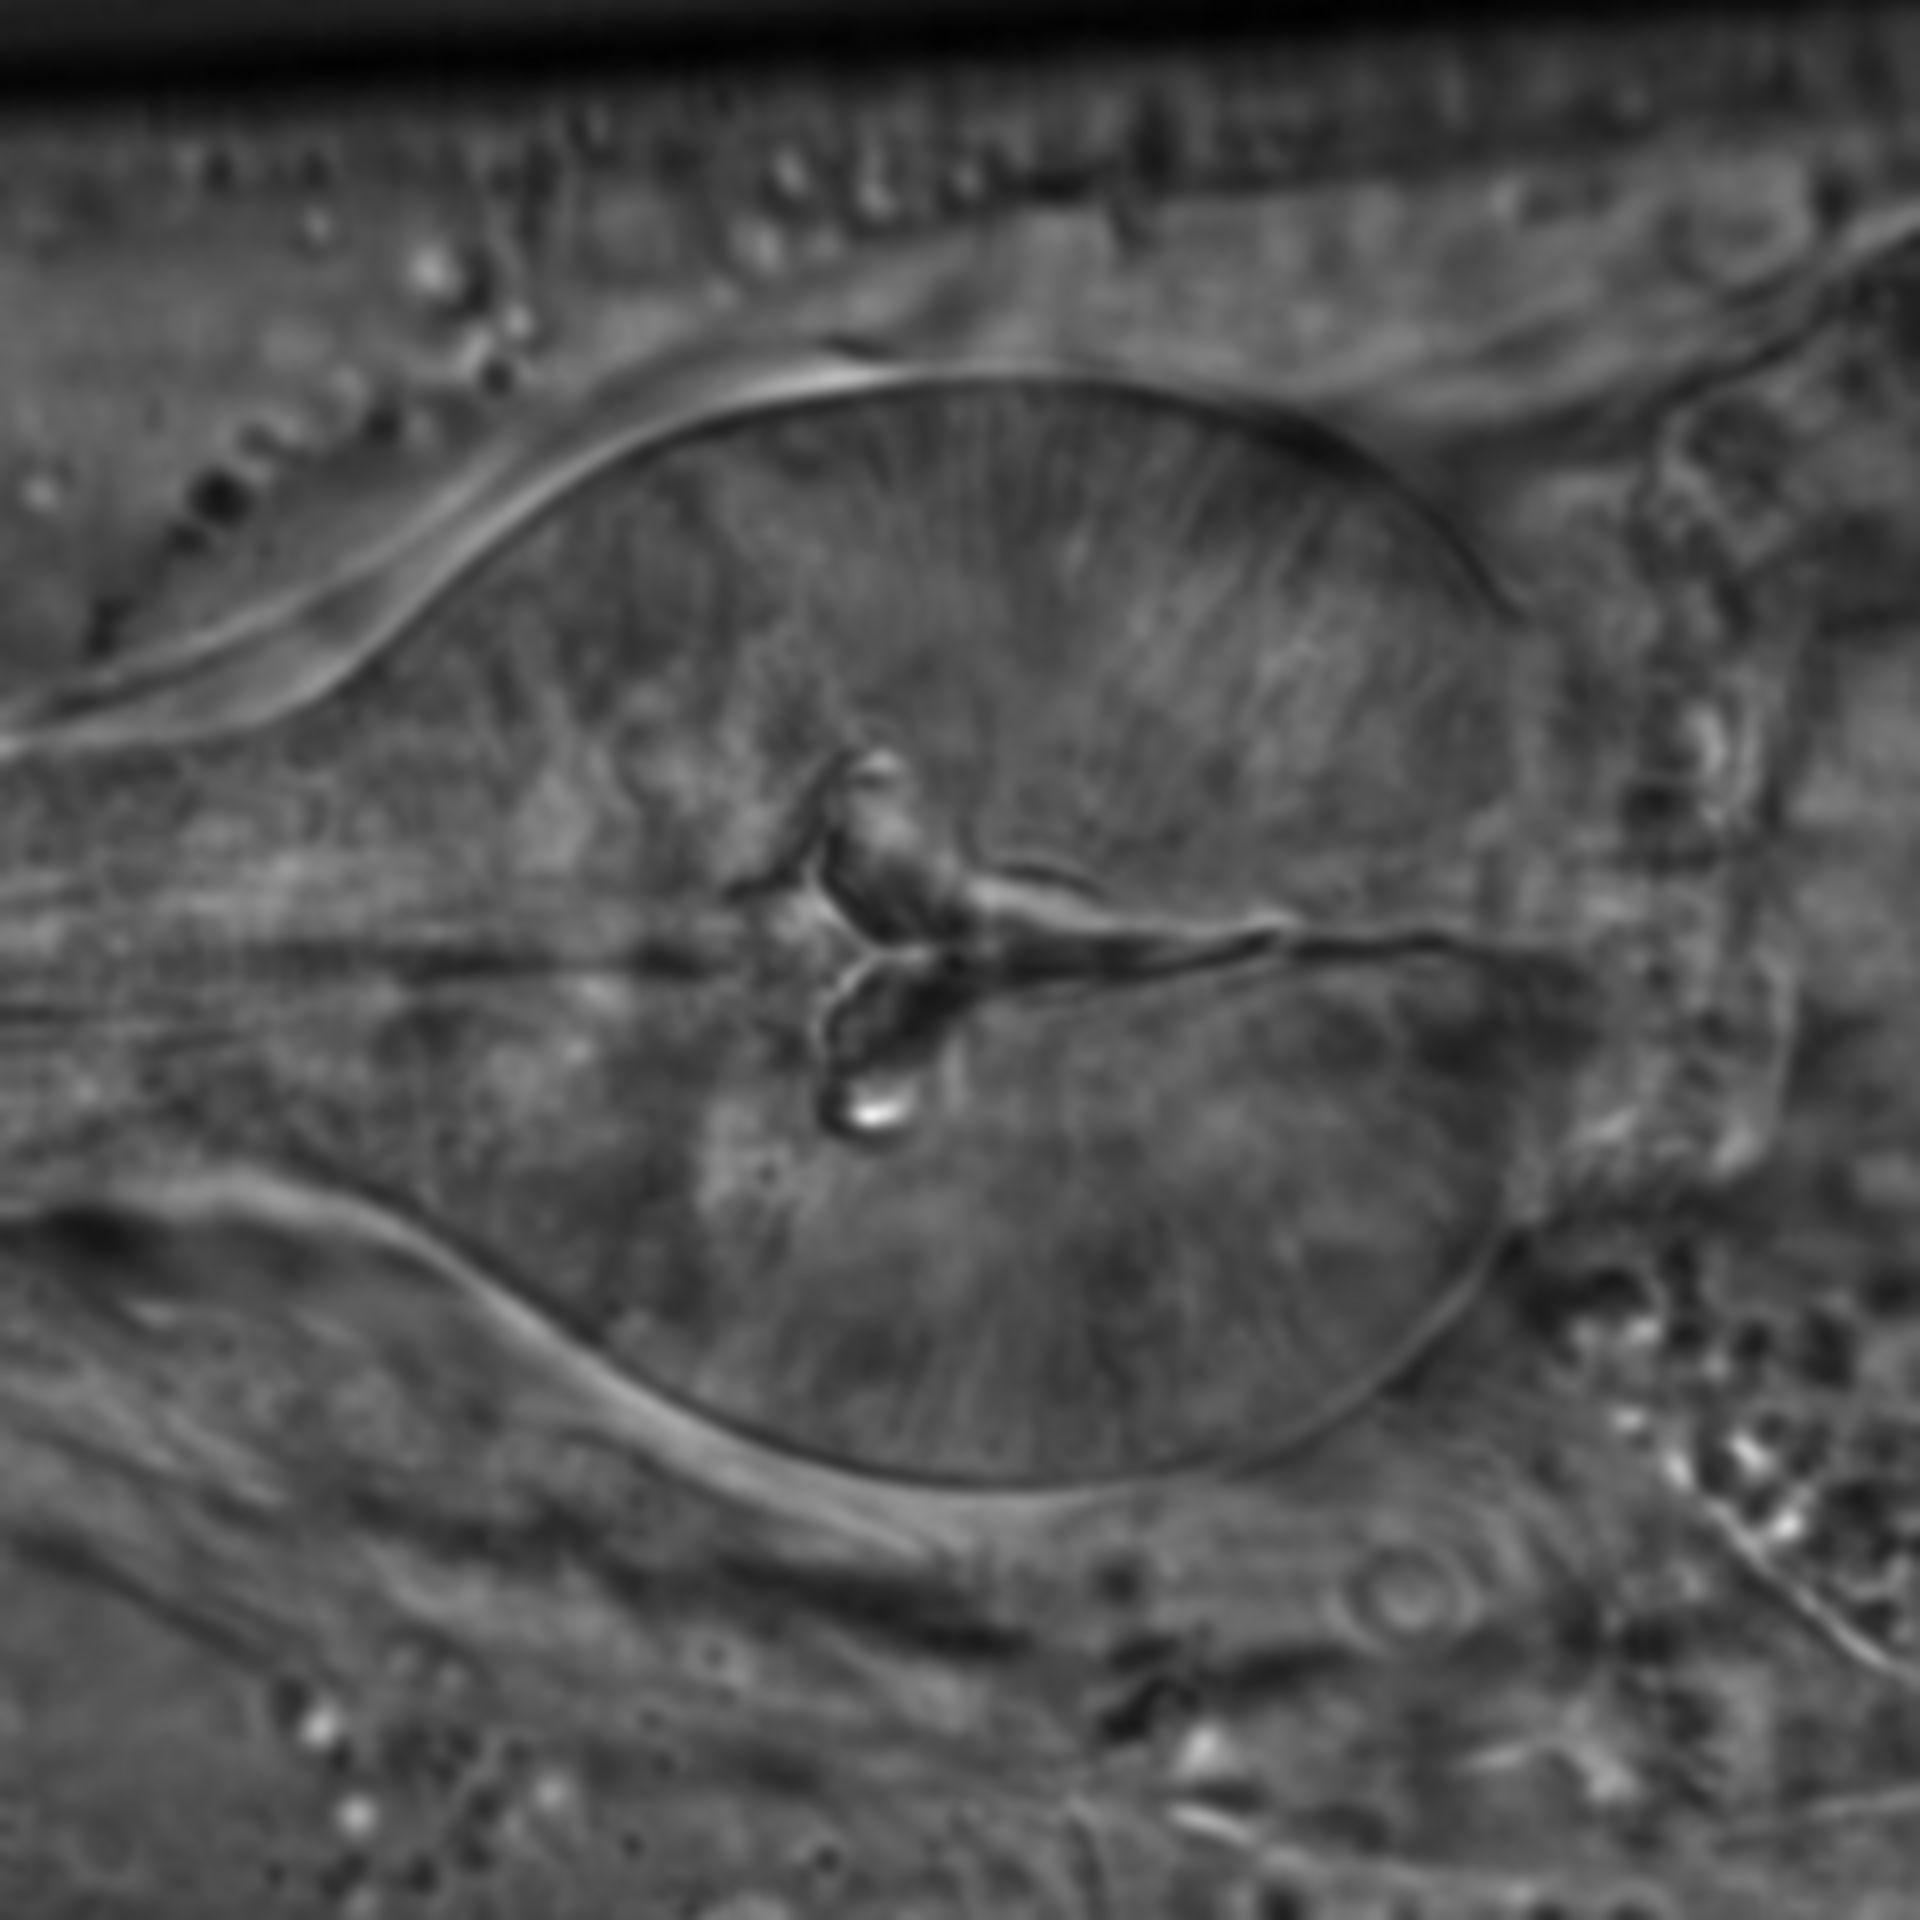 Caenorhabditis elegans - CIL:1597